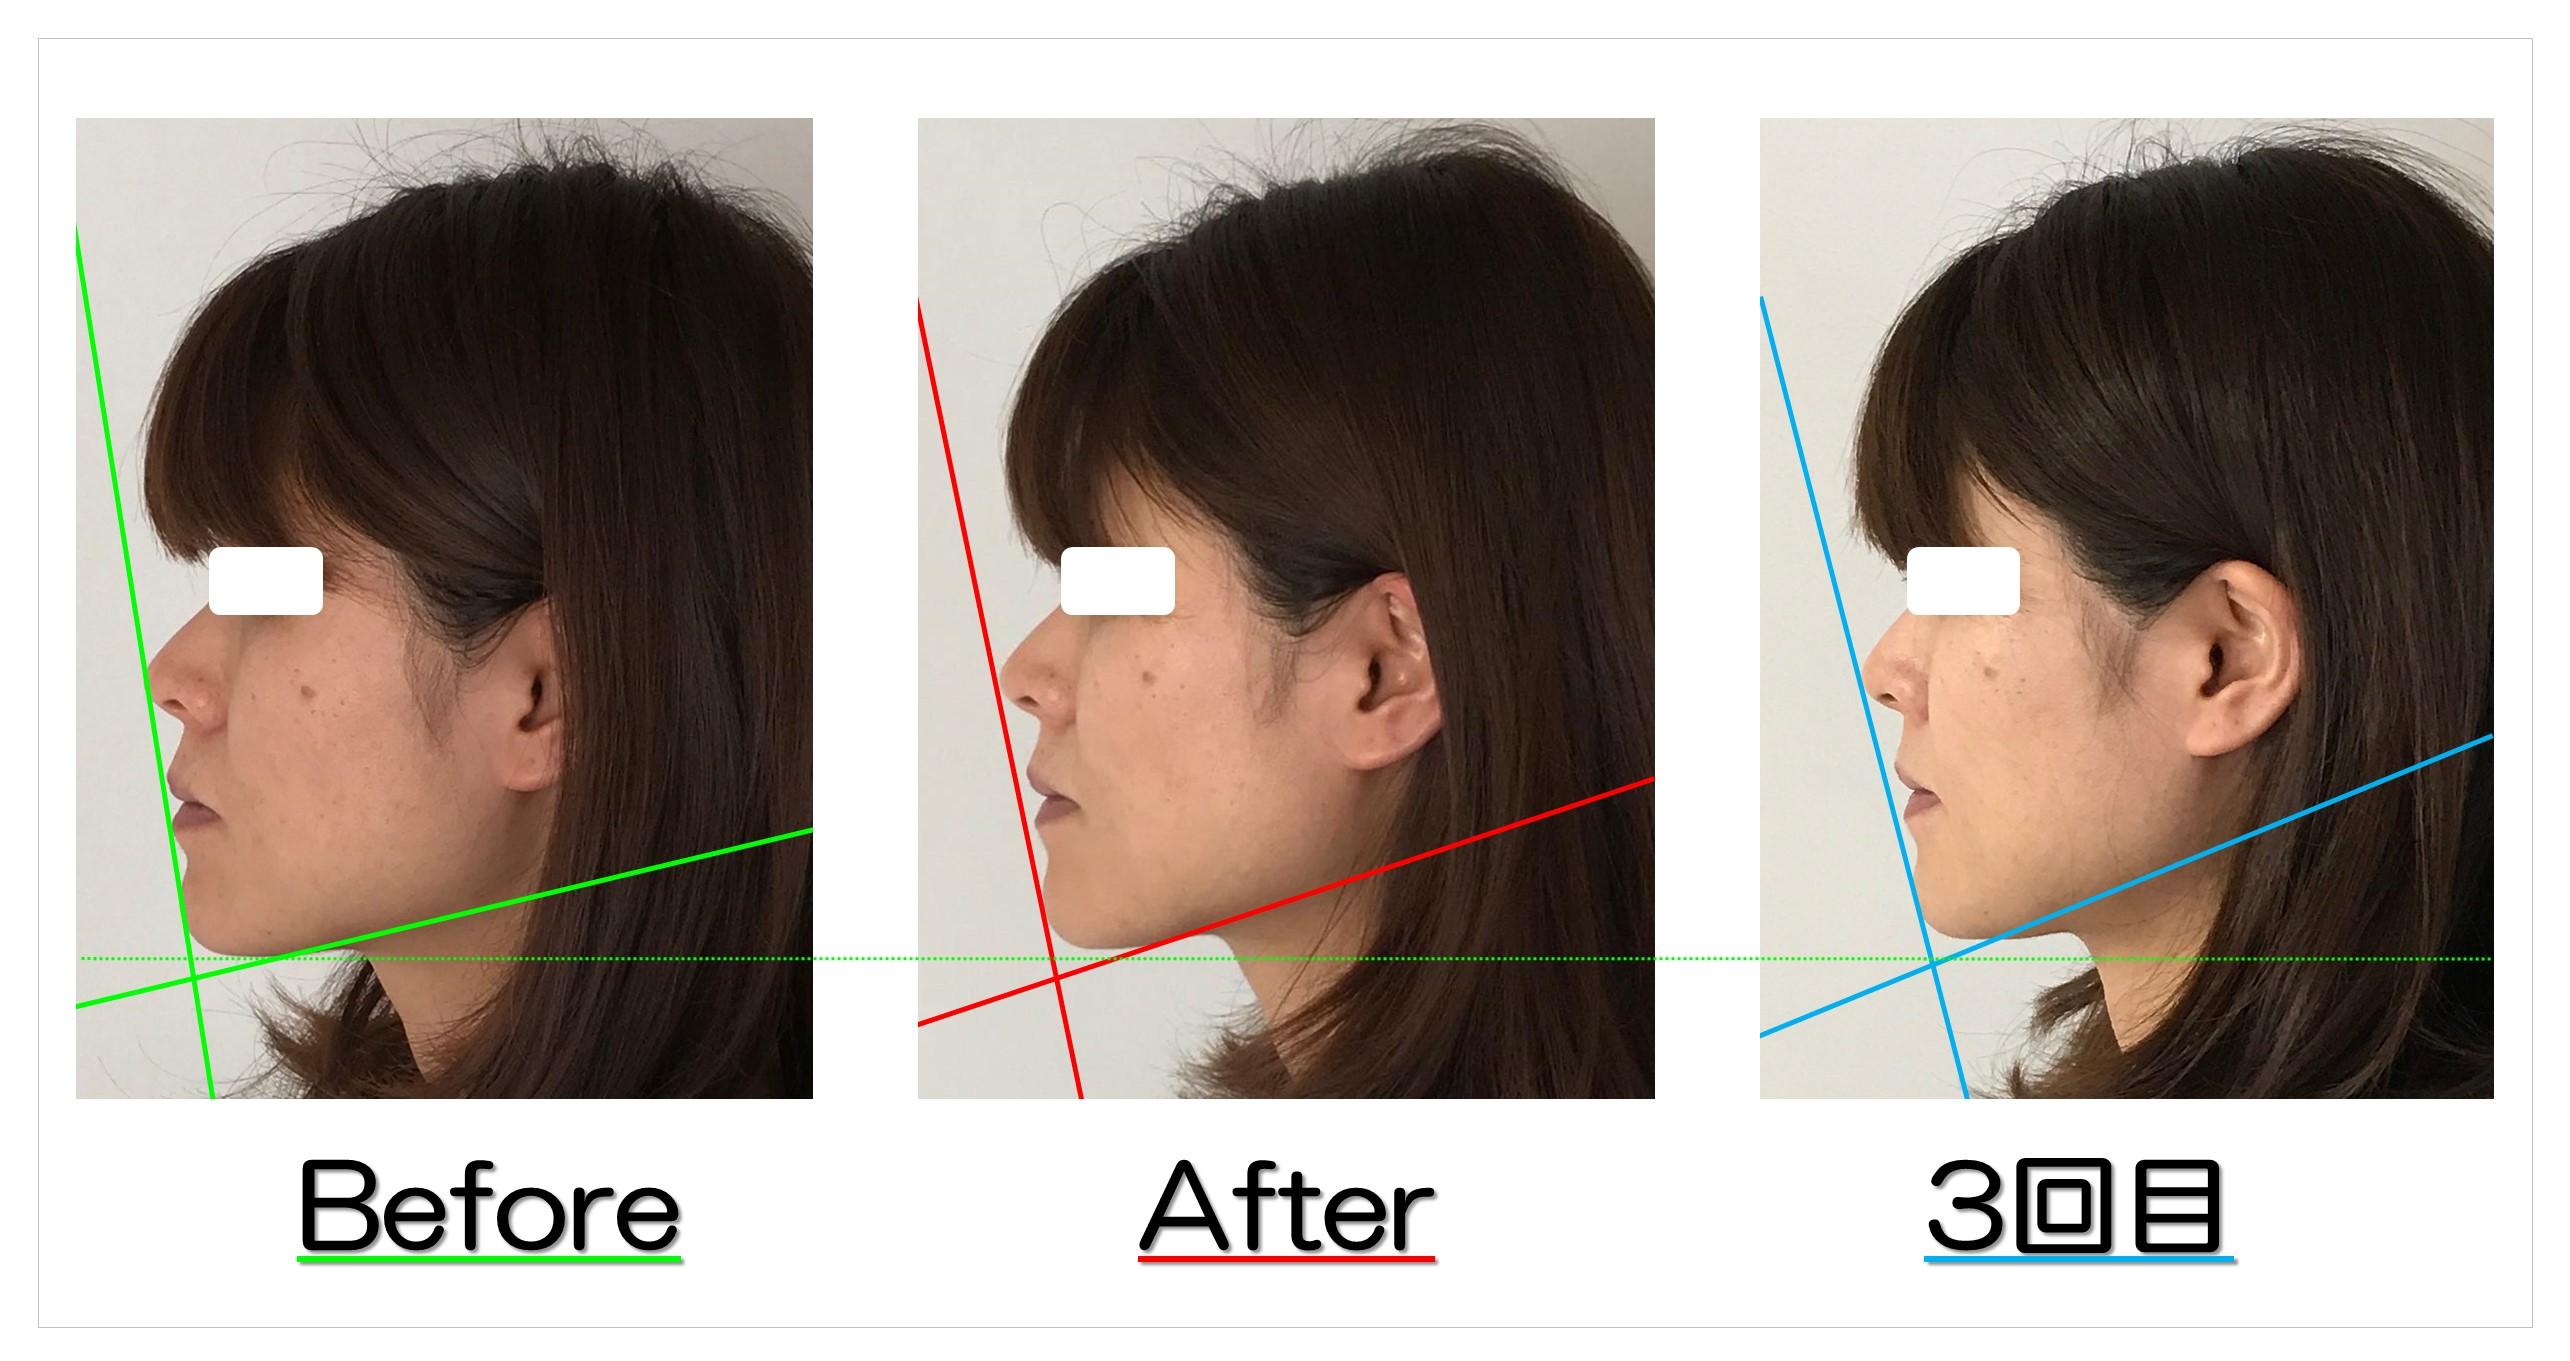 整形も考えたお顔の悩みが改善! | 滋賀守山市の小顔歪み矯正